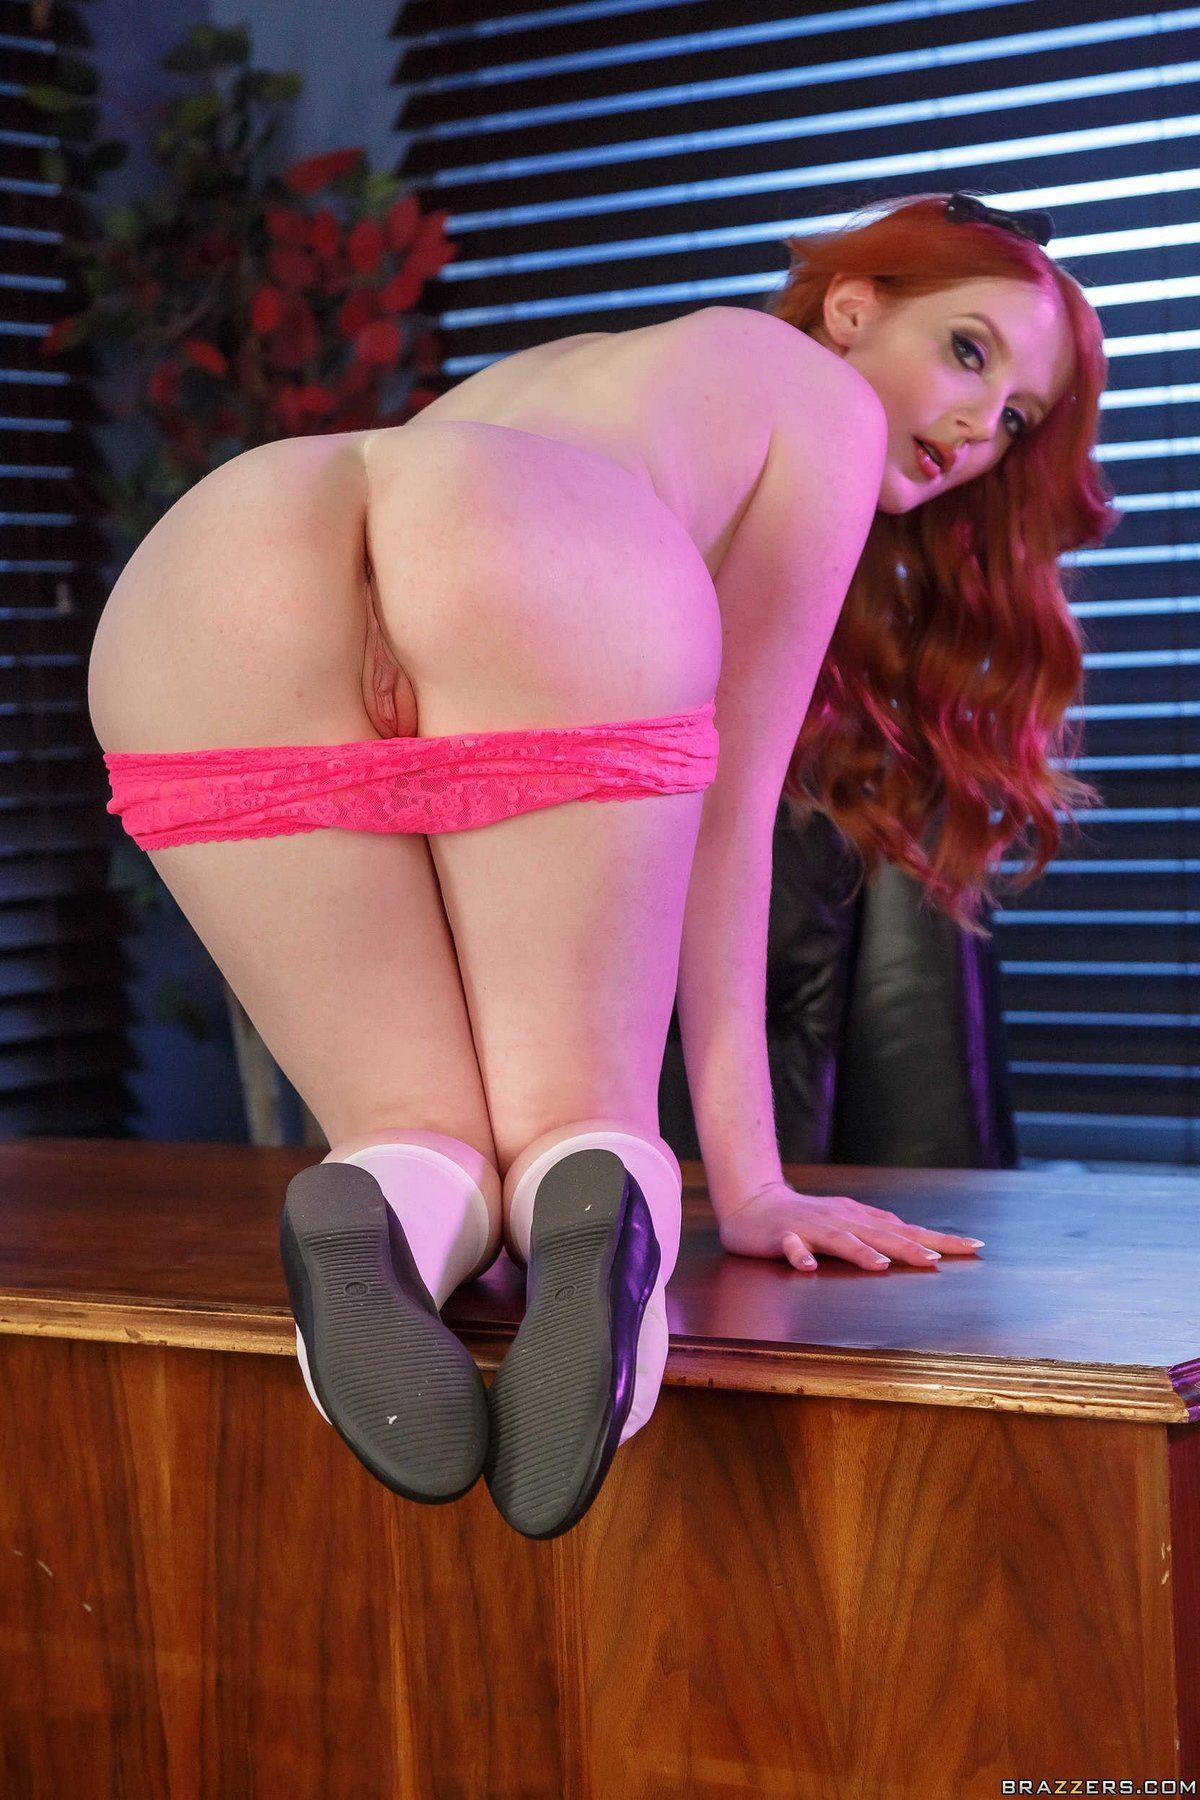 Рыжая женщина сняла розовые трусики в офисе